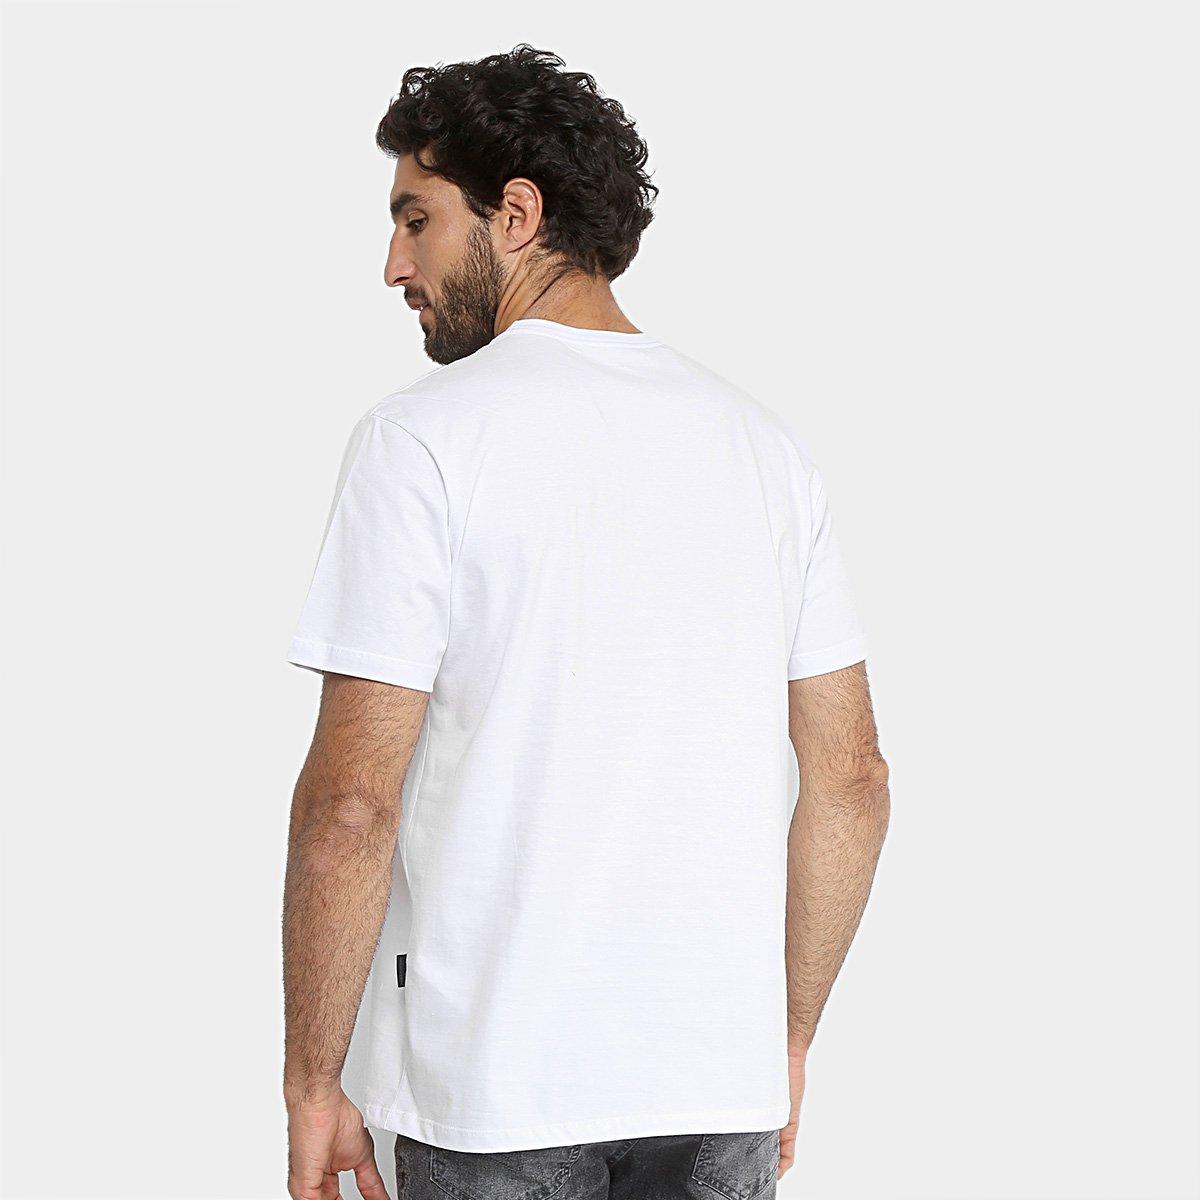 Camiseta Oakley Mod Dtp Circle Masculina - Branco - Compre Agora ... d0d3bfde1ac1d